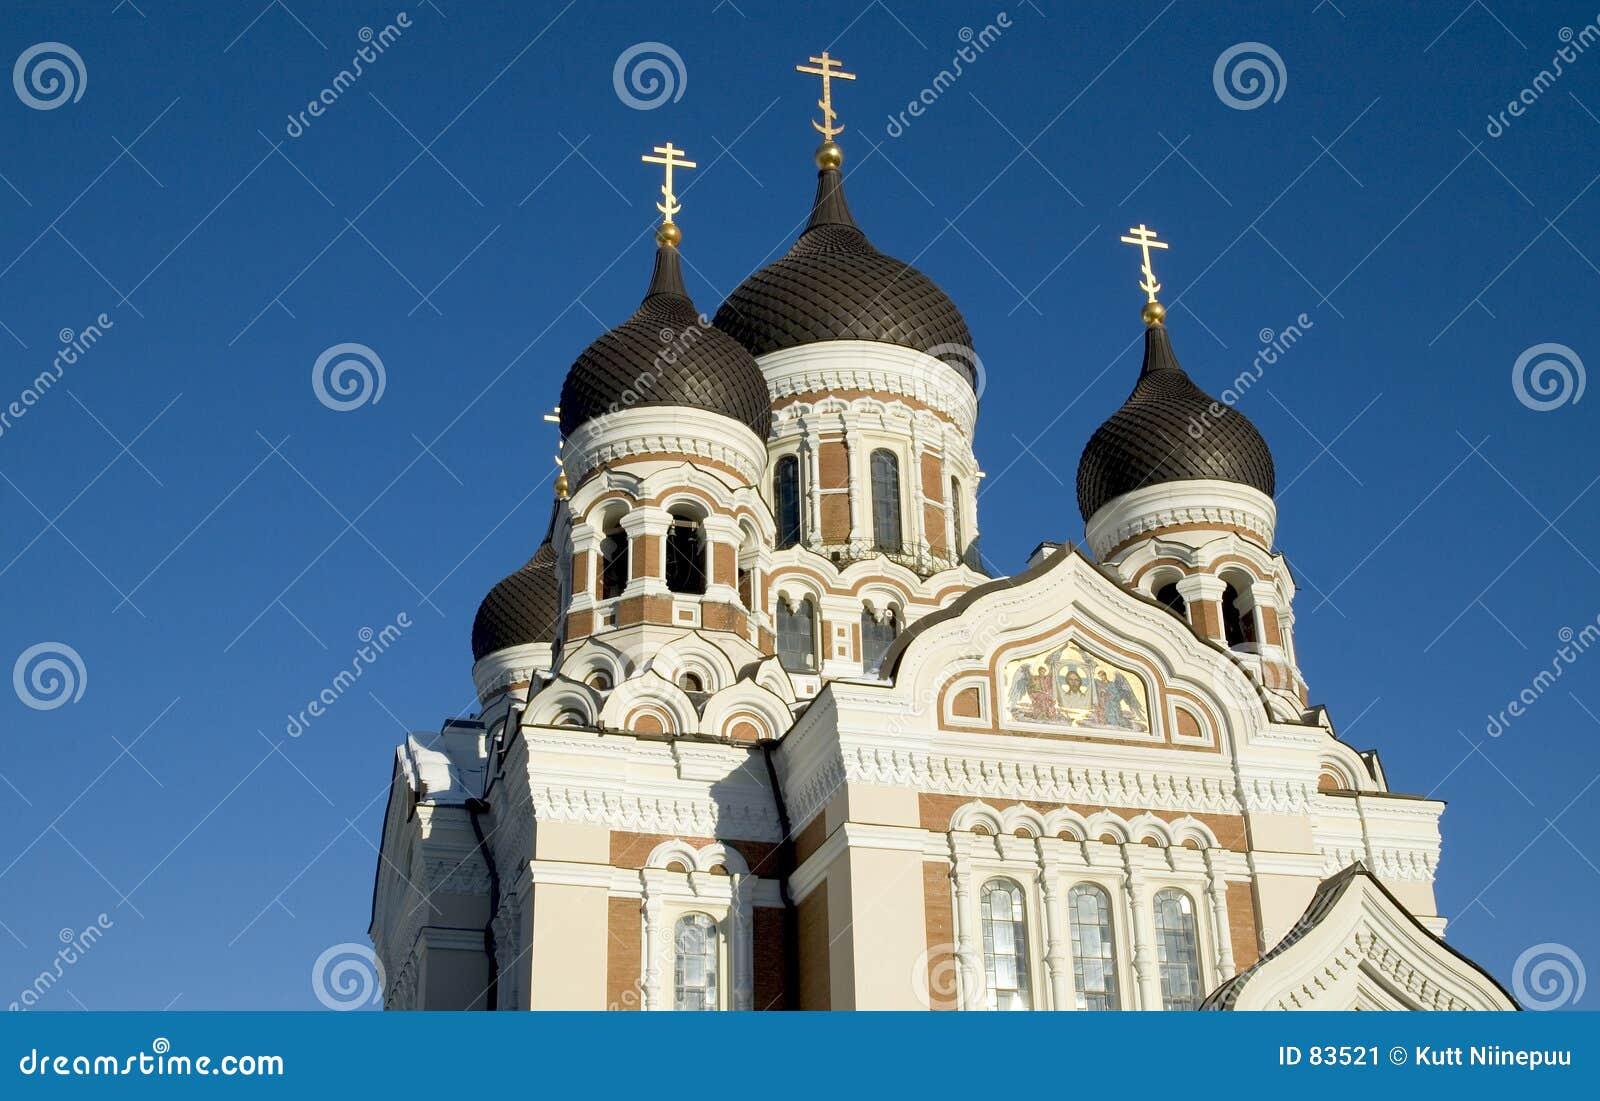 Catherdral nevsky s